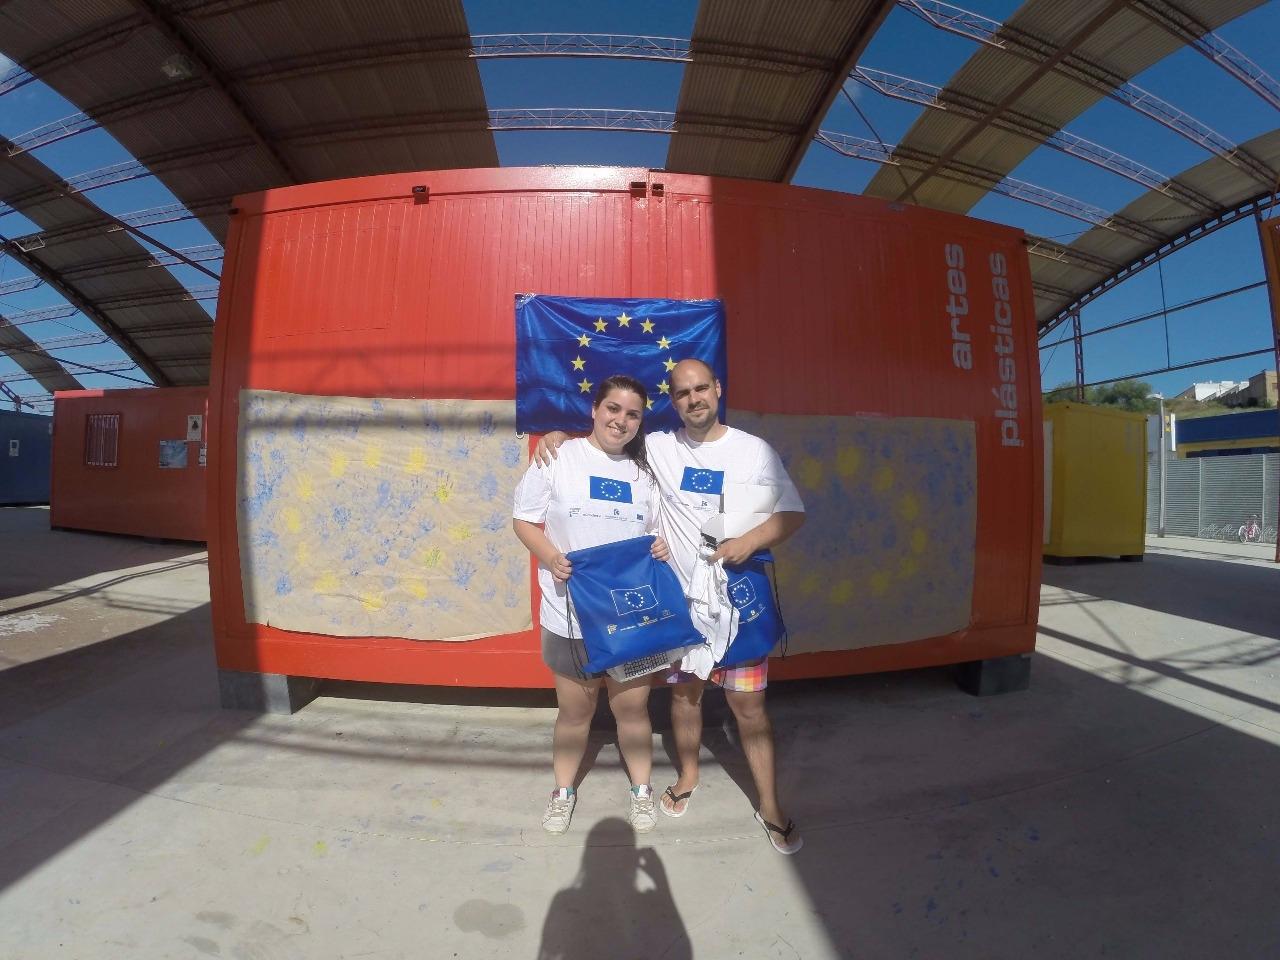 Día de Europa 2015, Puente Genil, Gymkana  6 de mayo.